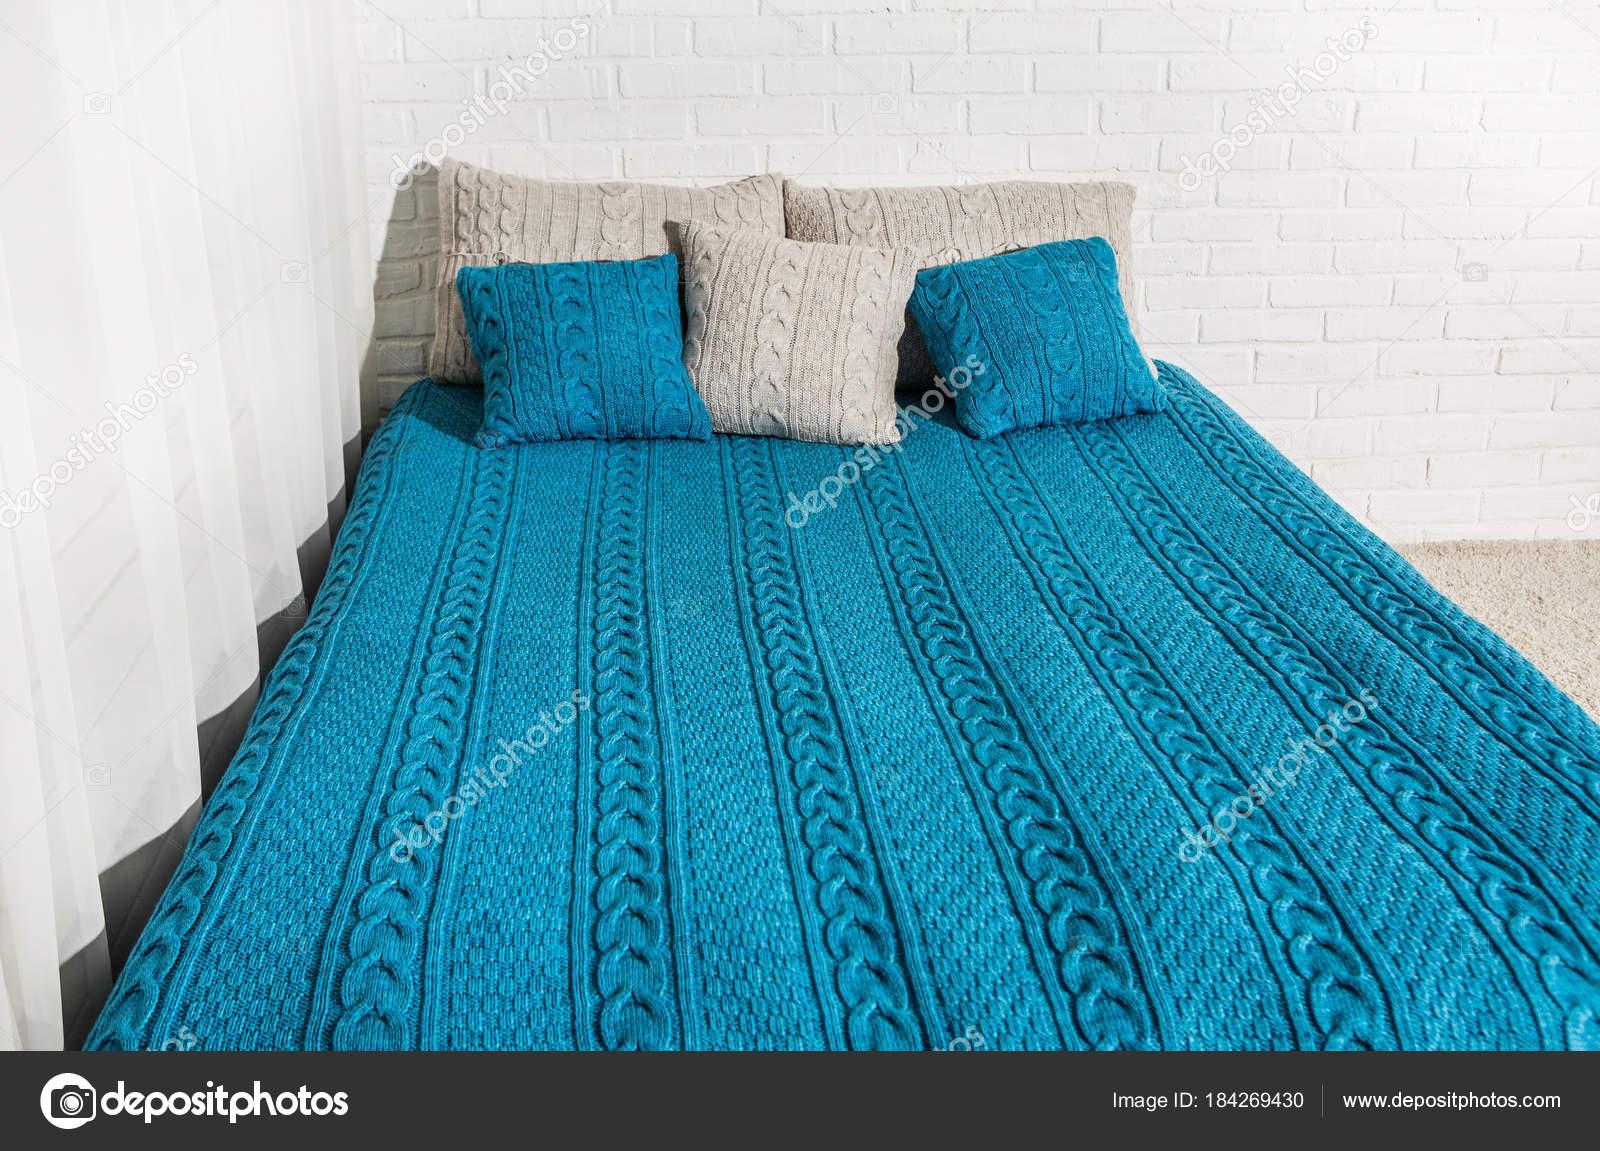 Schlafzimmer Bett Kissen Decke Plaid blau beige — Stockfoto ...